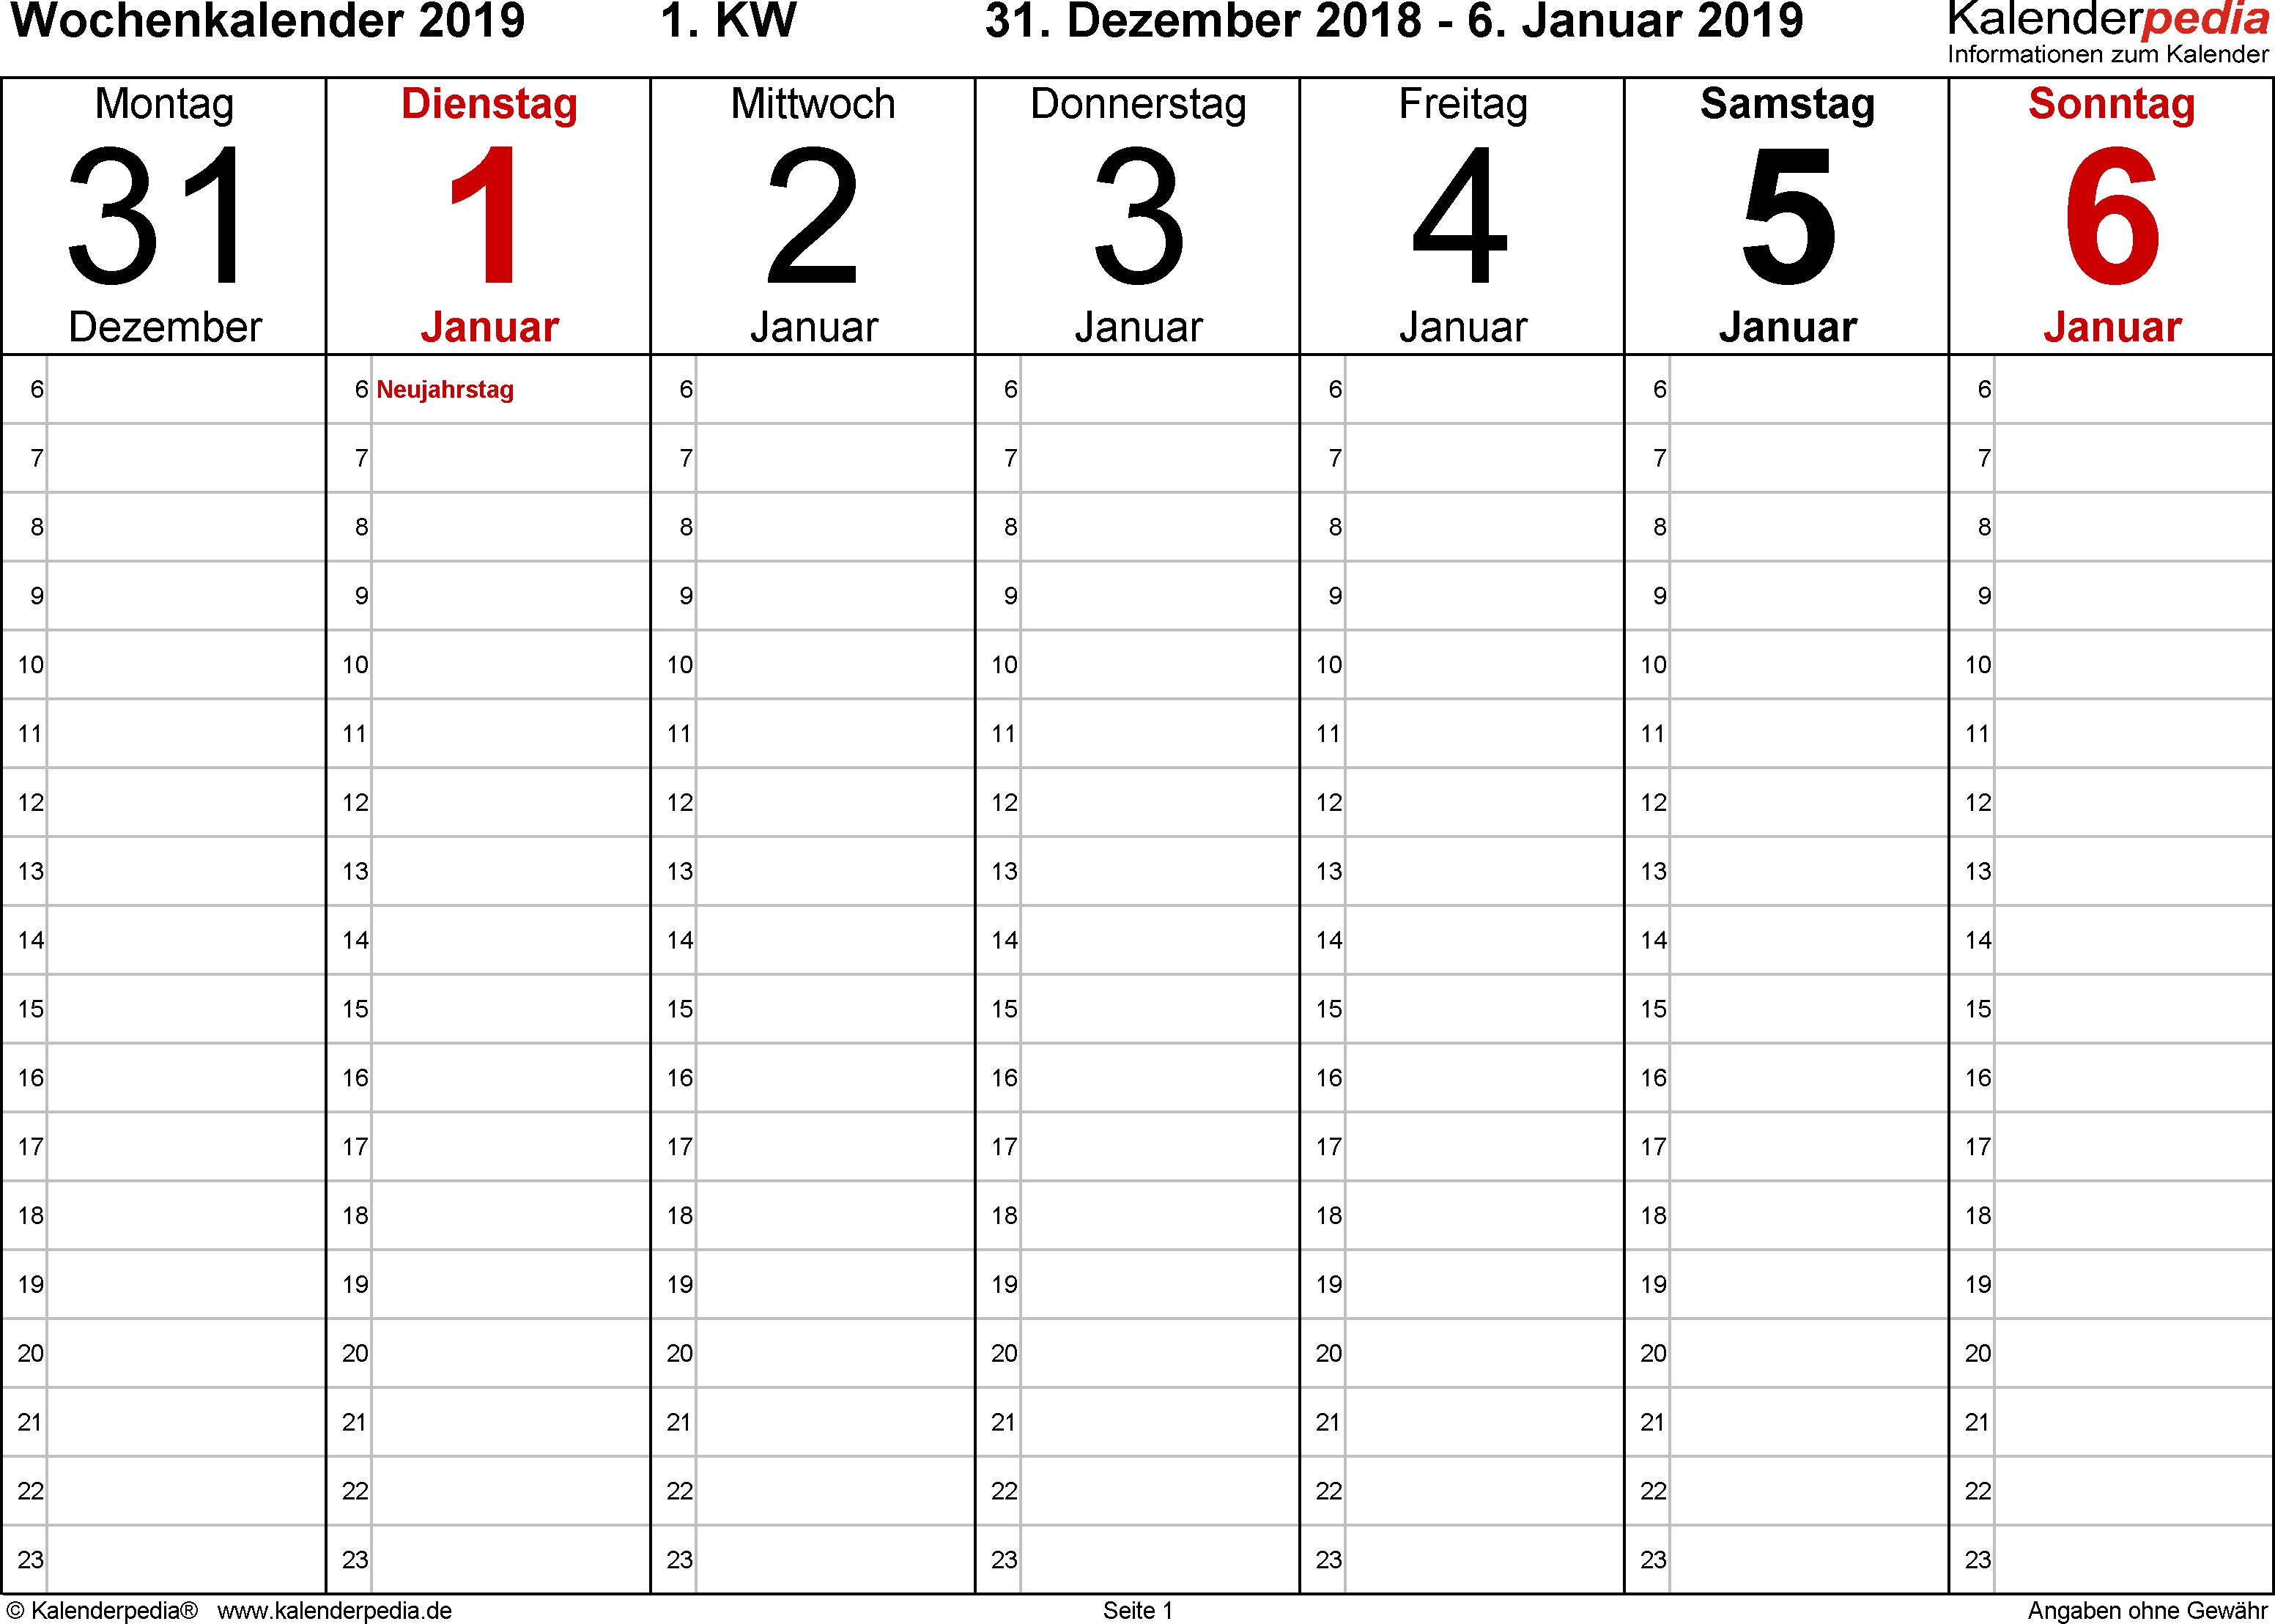 Vorlage 4: Wochenkalender 2019 als Excel-Vorlage, Querformat, 53 Seiten (1 Woche auf 1 Seite)